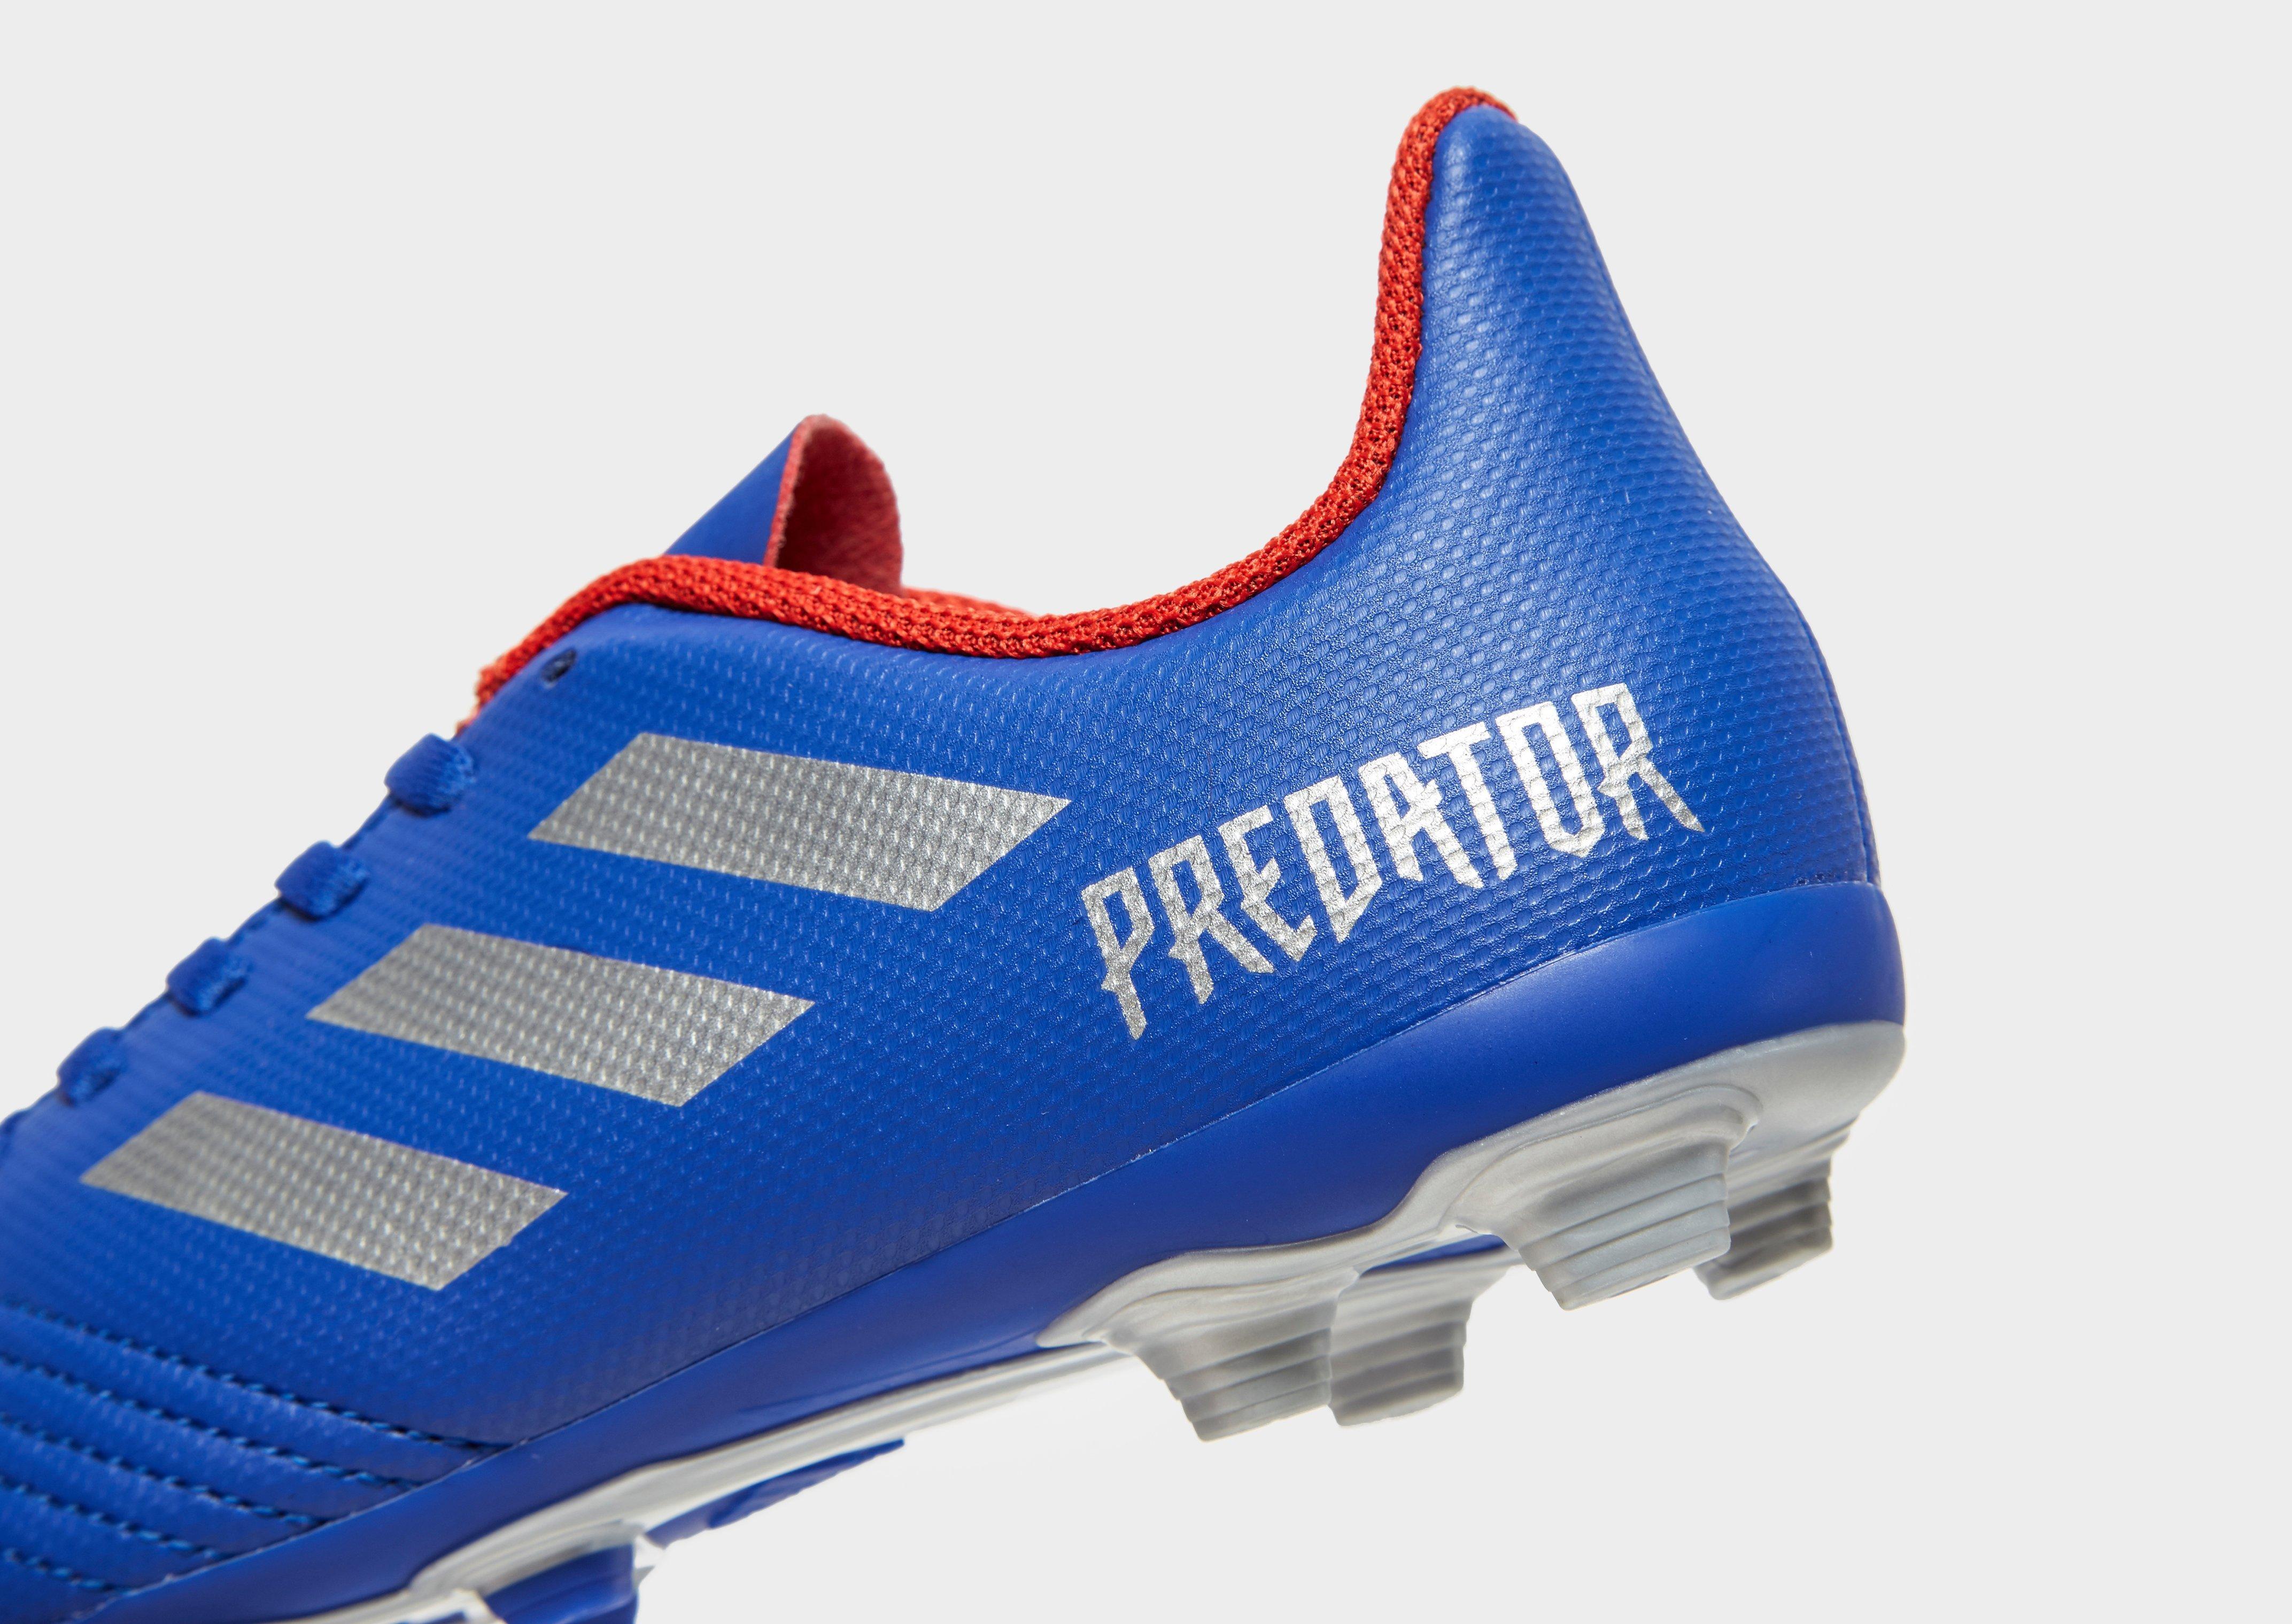 adidas Exhibit Predator 19.4 FG Children